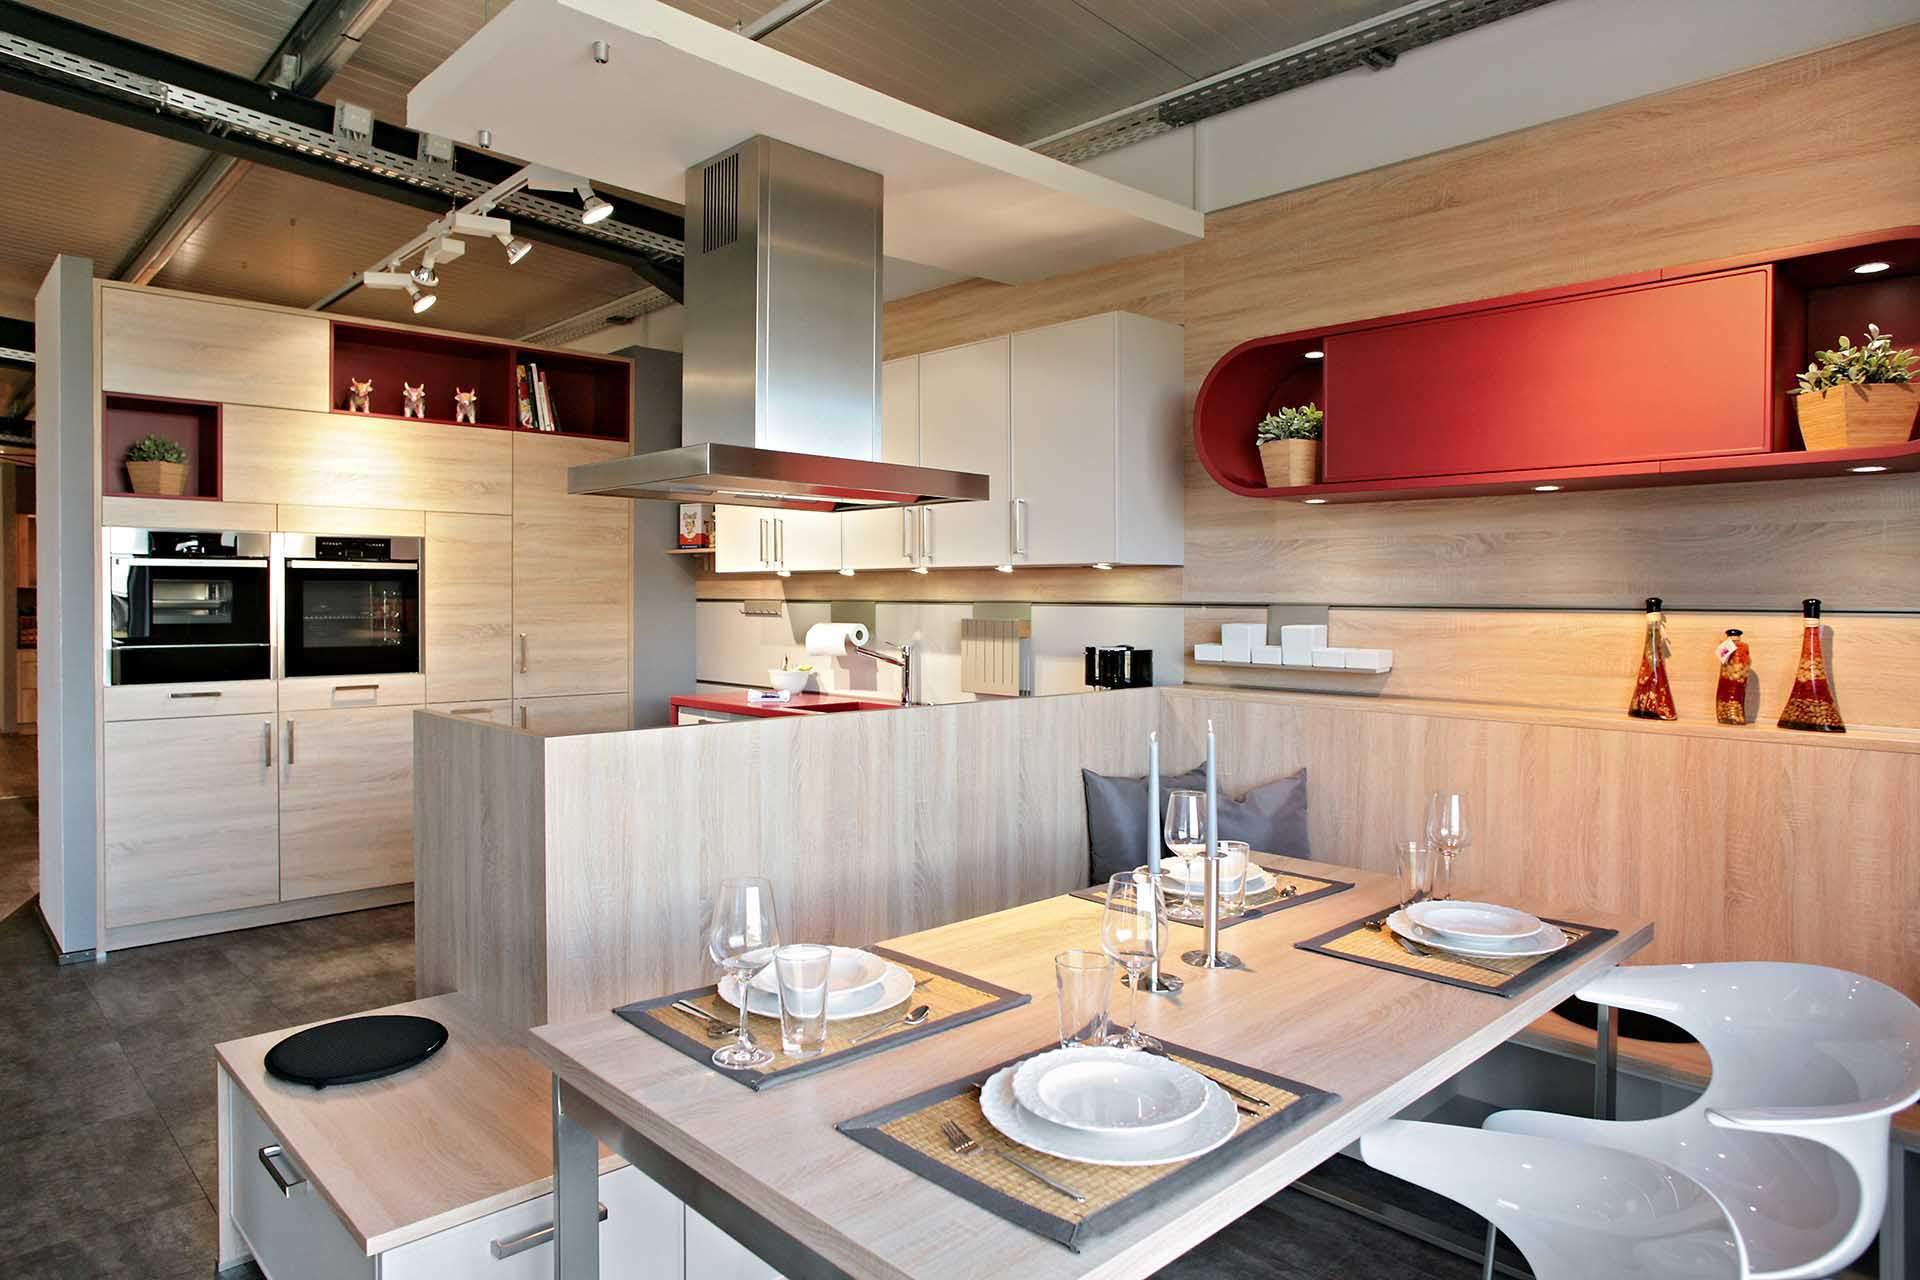 Unsere Küchenausstellung - Küchenstudio müller & bauer GmbH